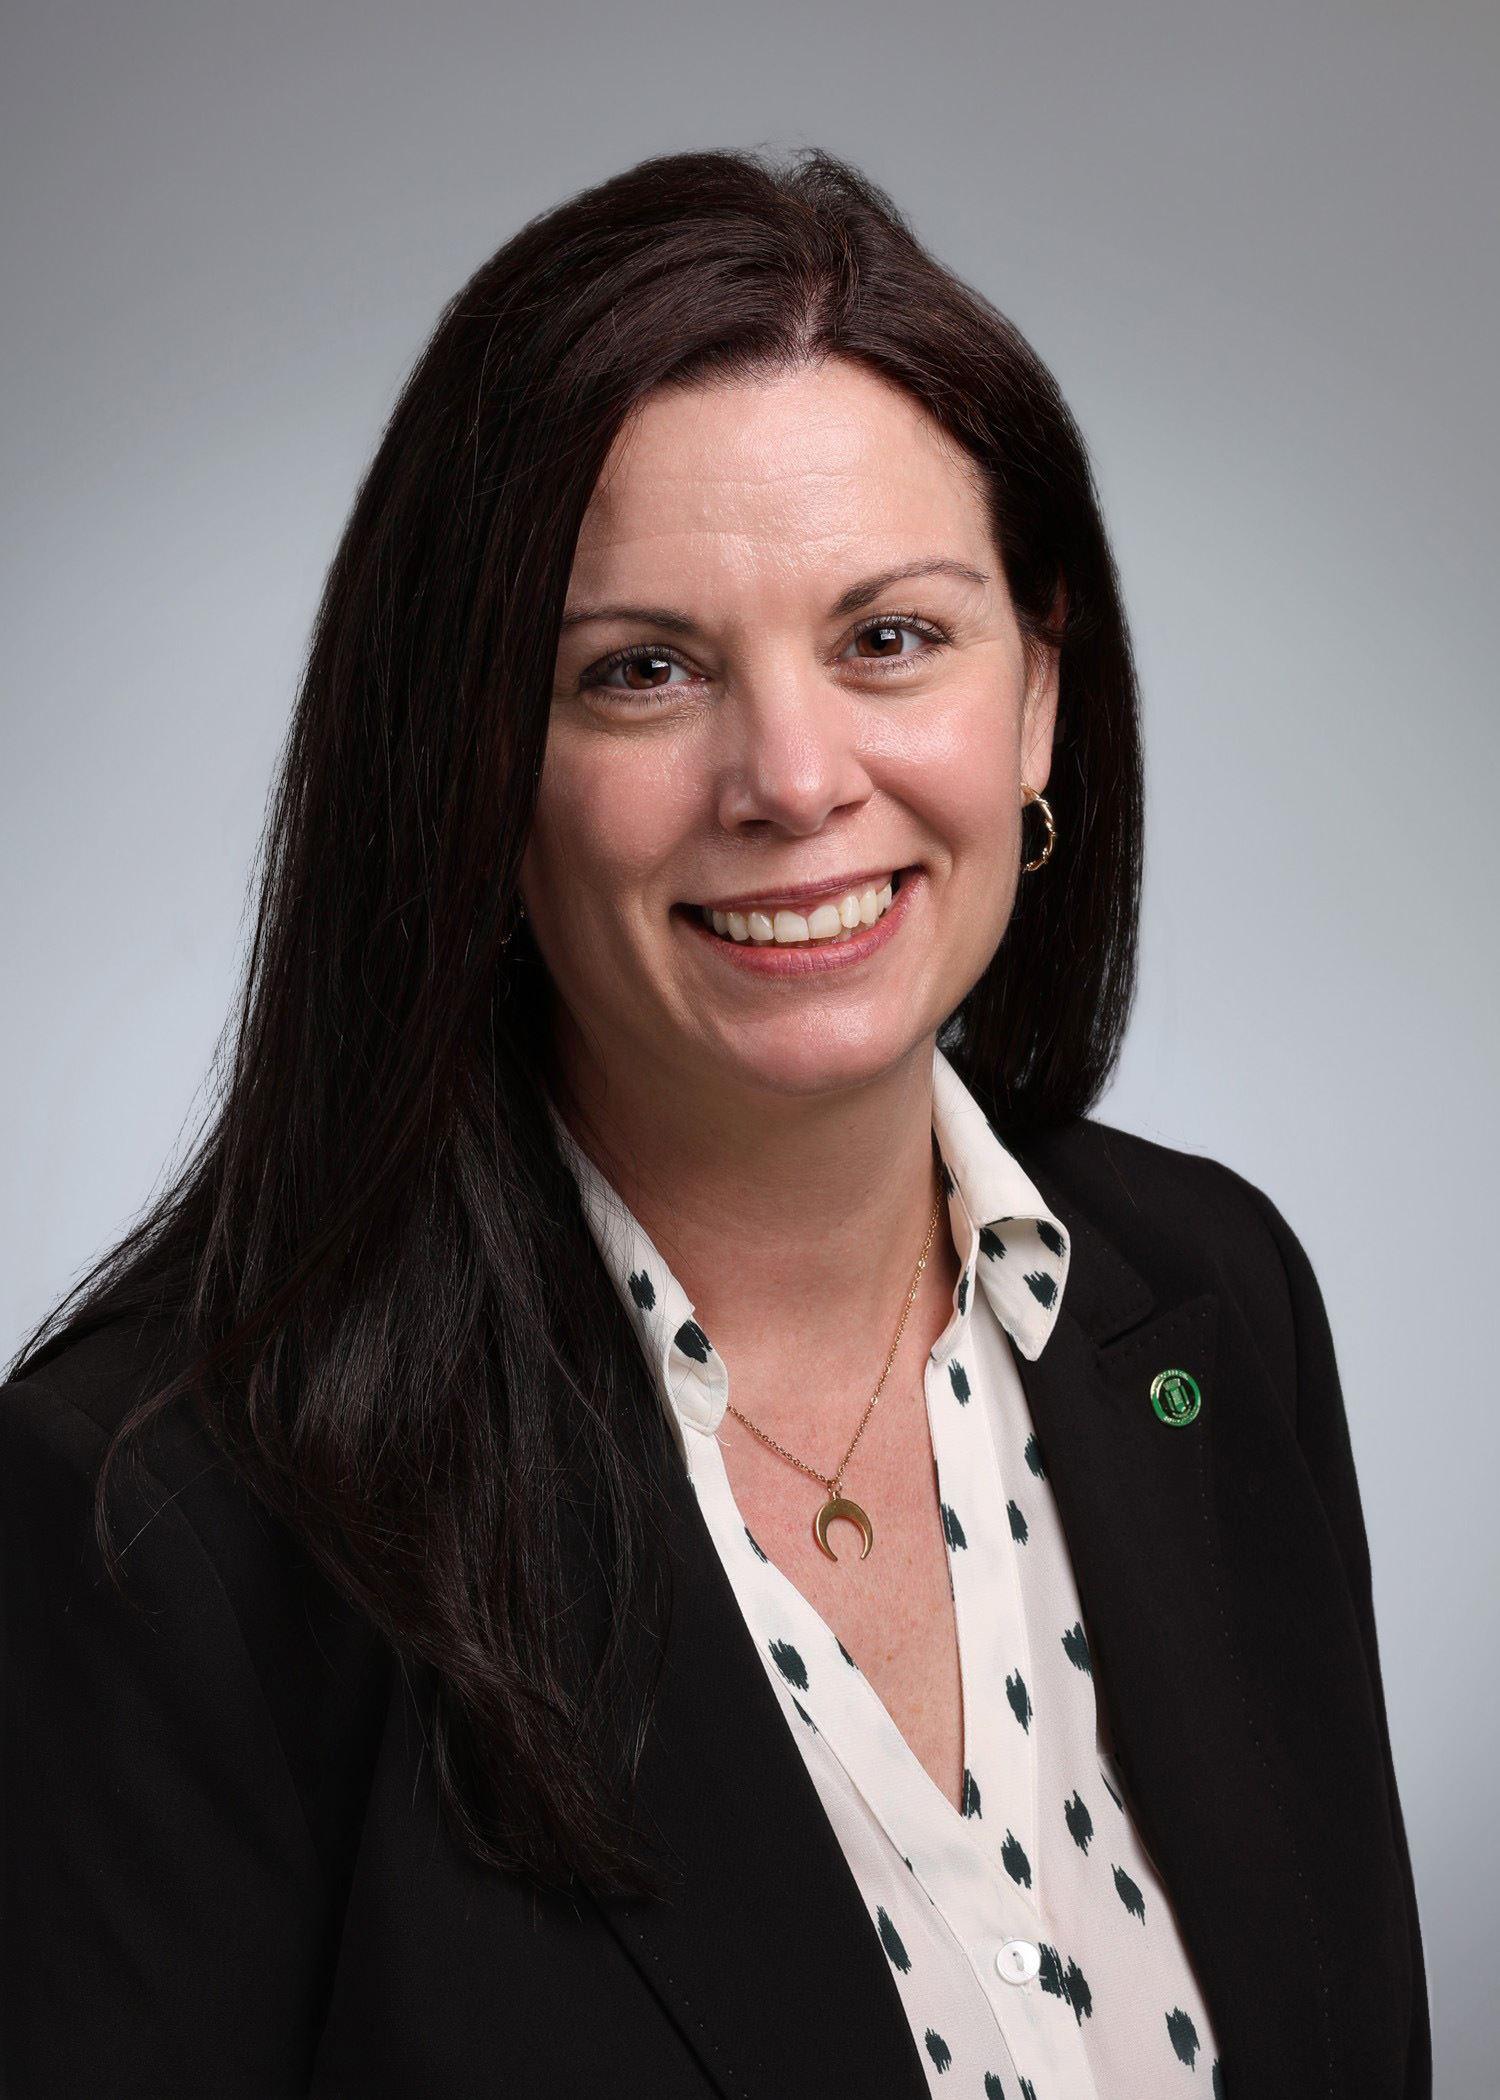 Amy Chmielewski